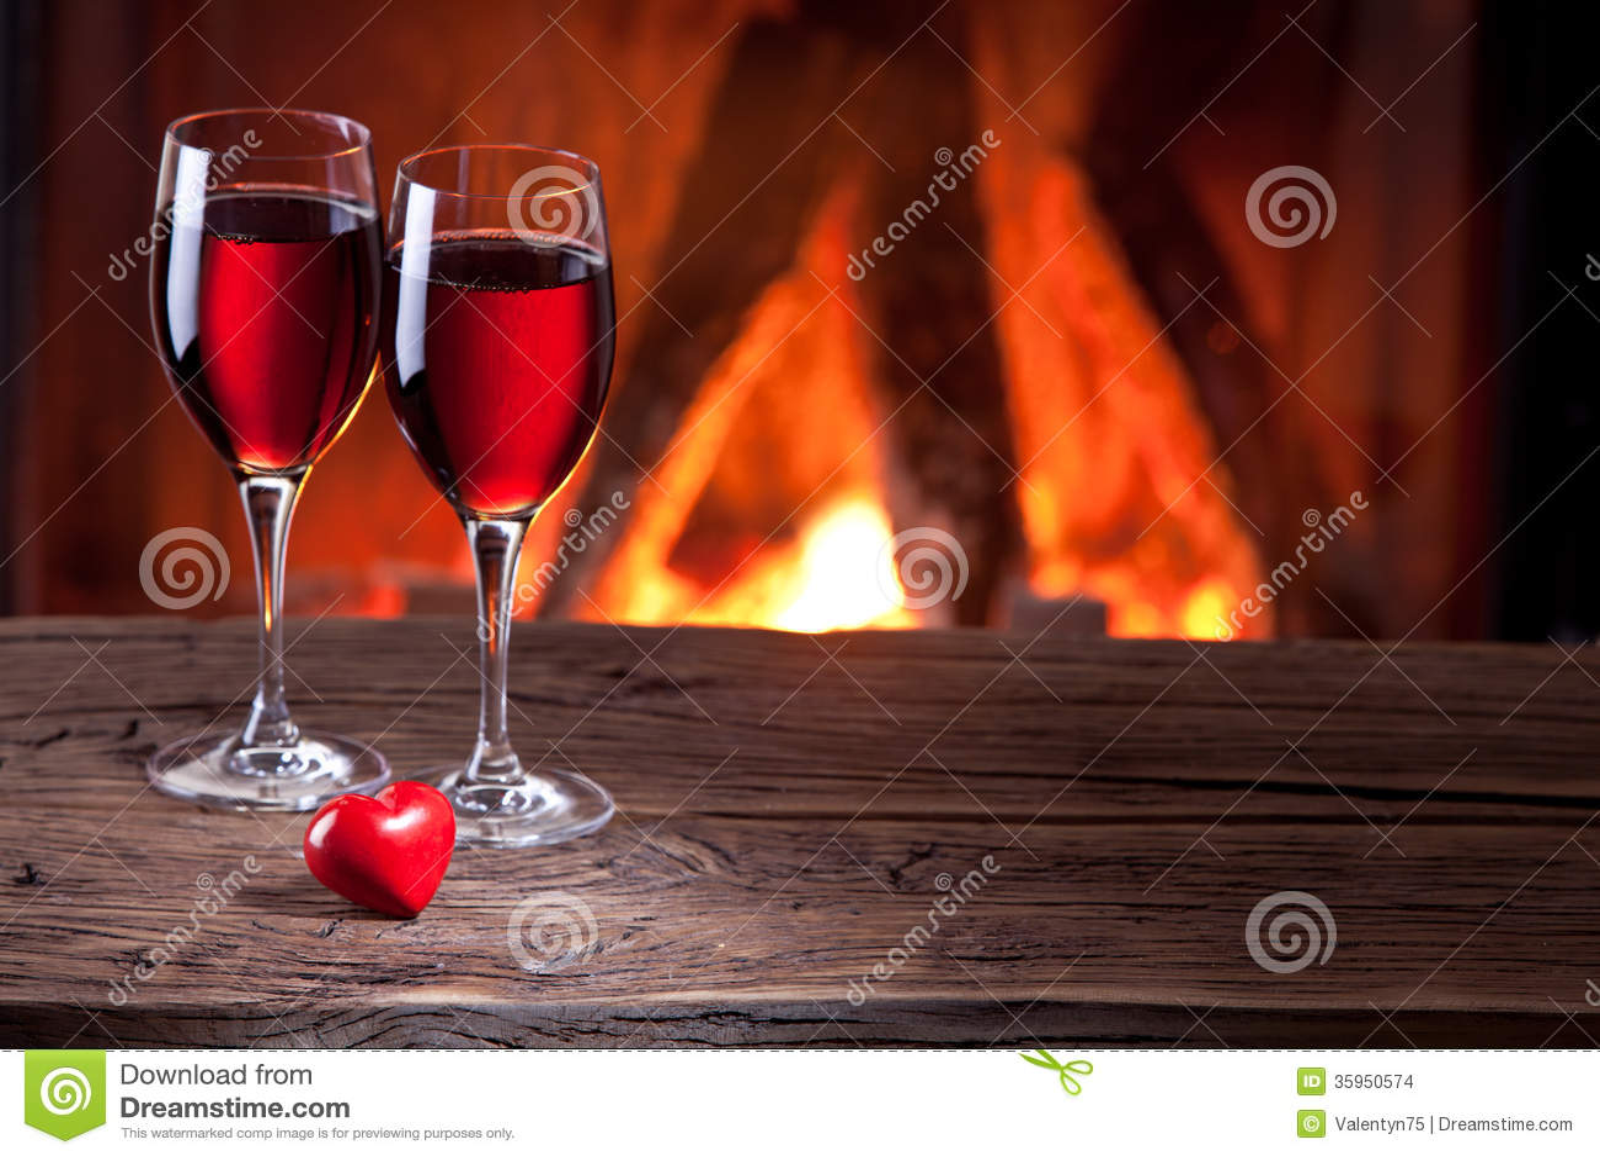 Copas de vino y un corazón.